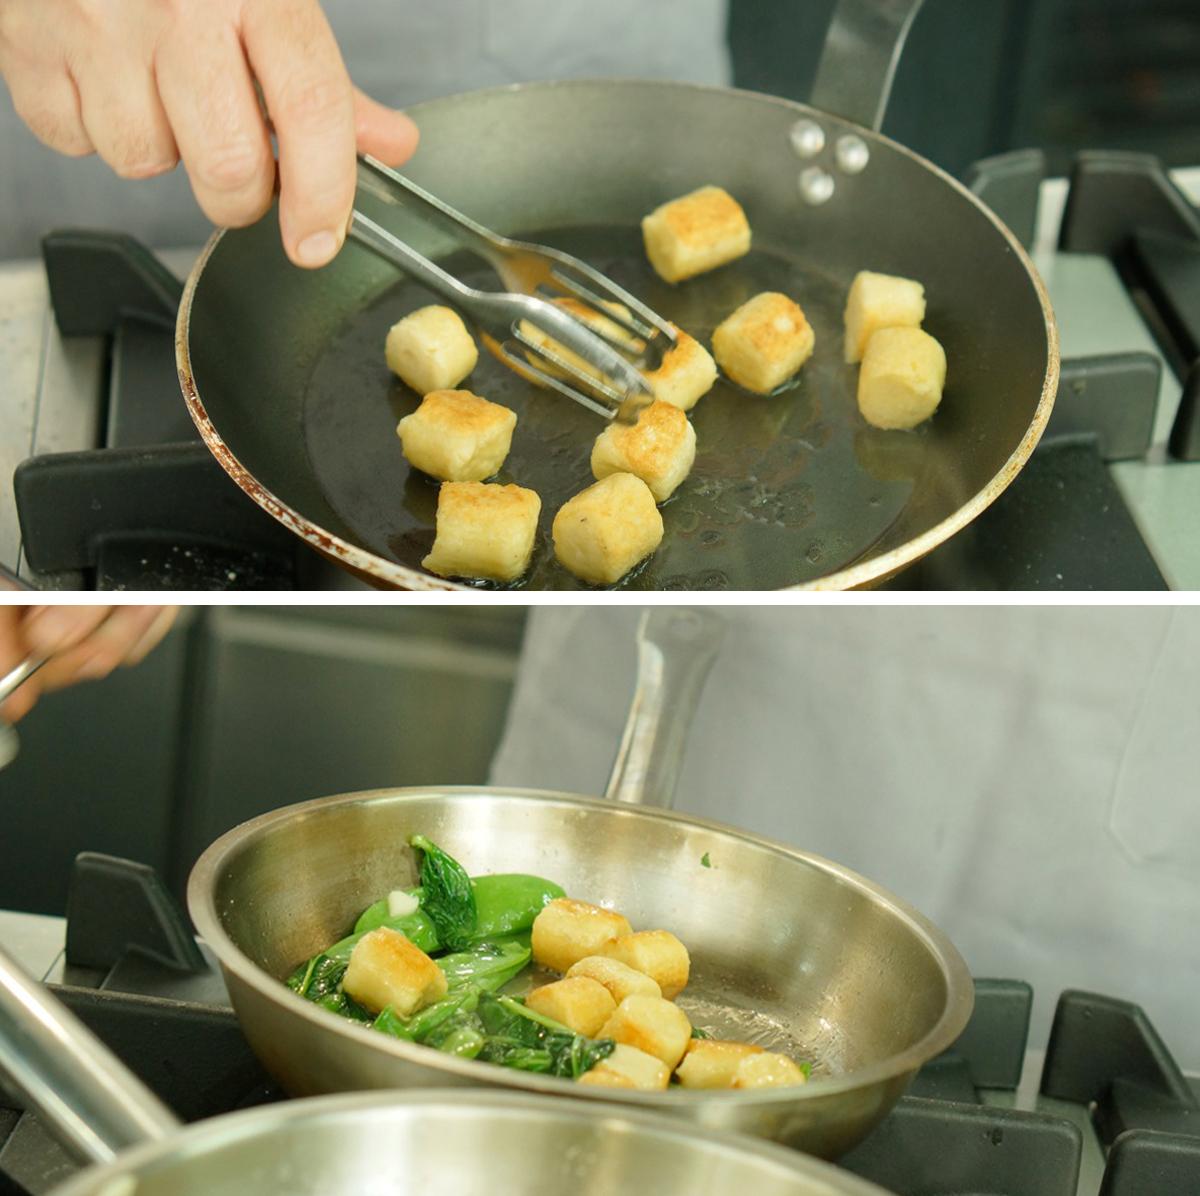 ניוקי פריזאי, גבישס בדנון, גבישס, בלוג האוכל של מירב גביש